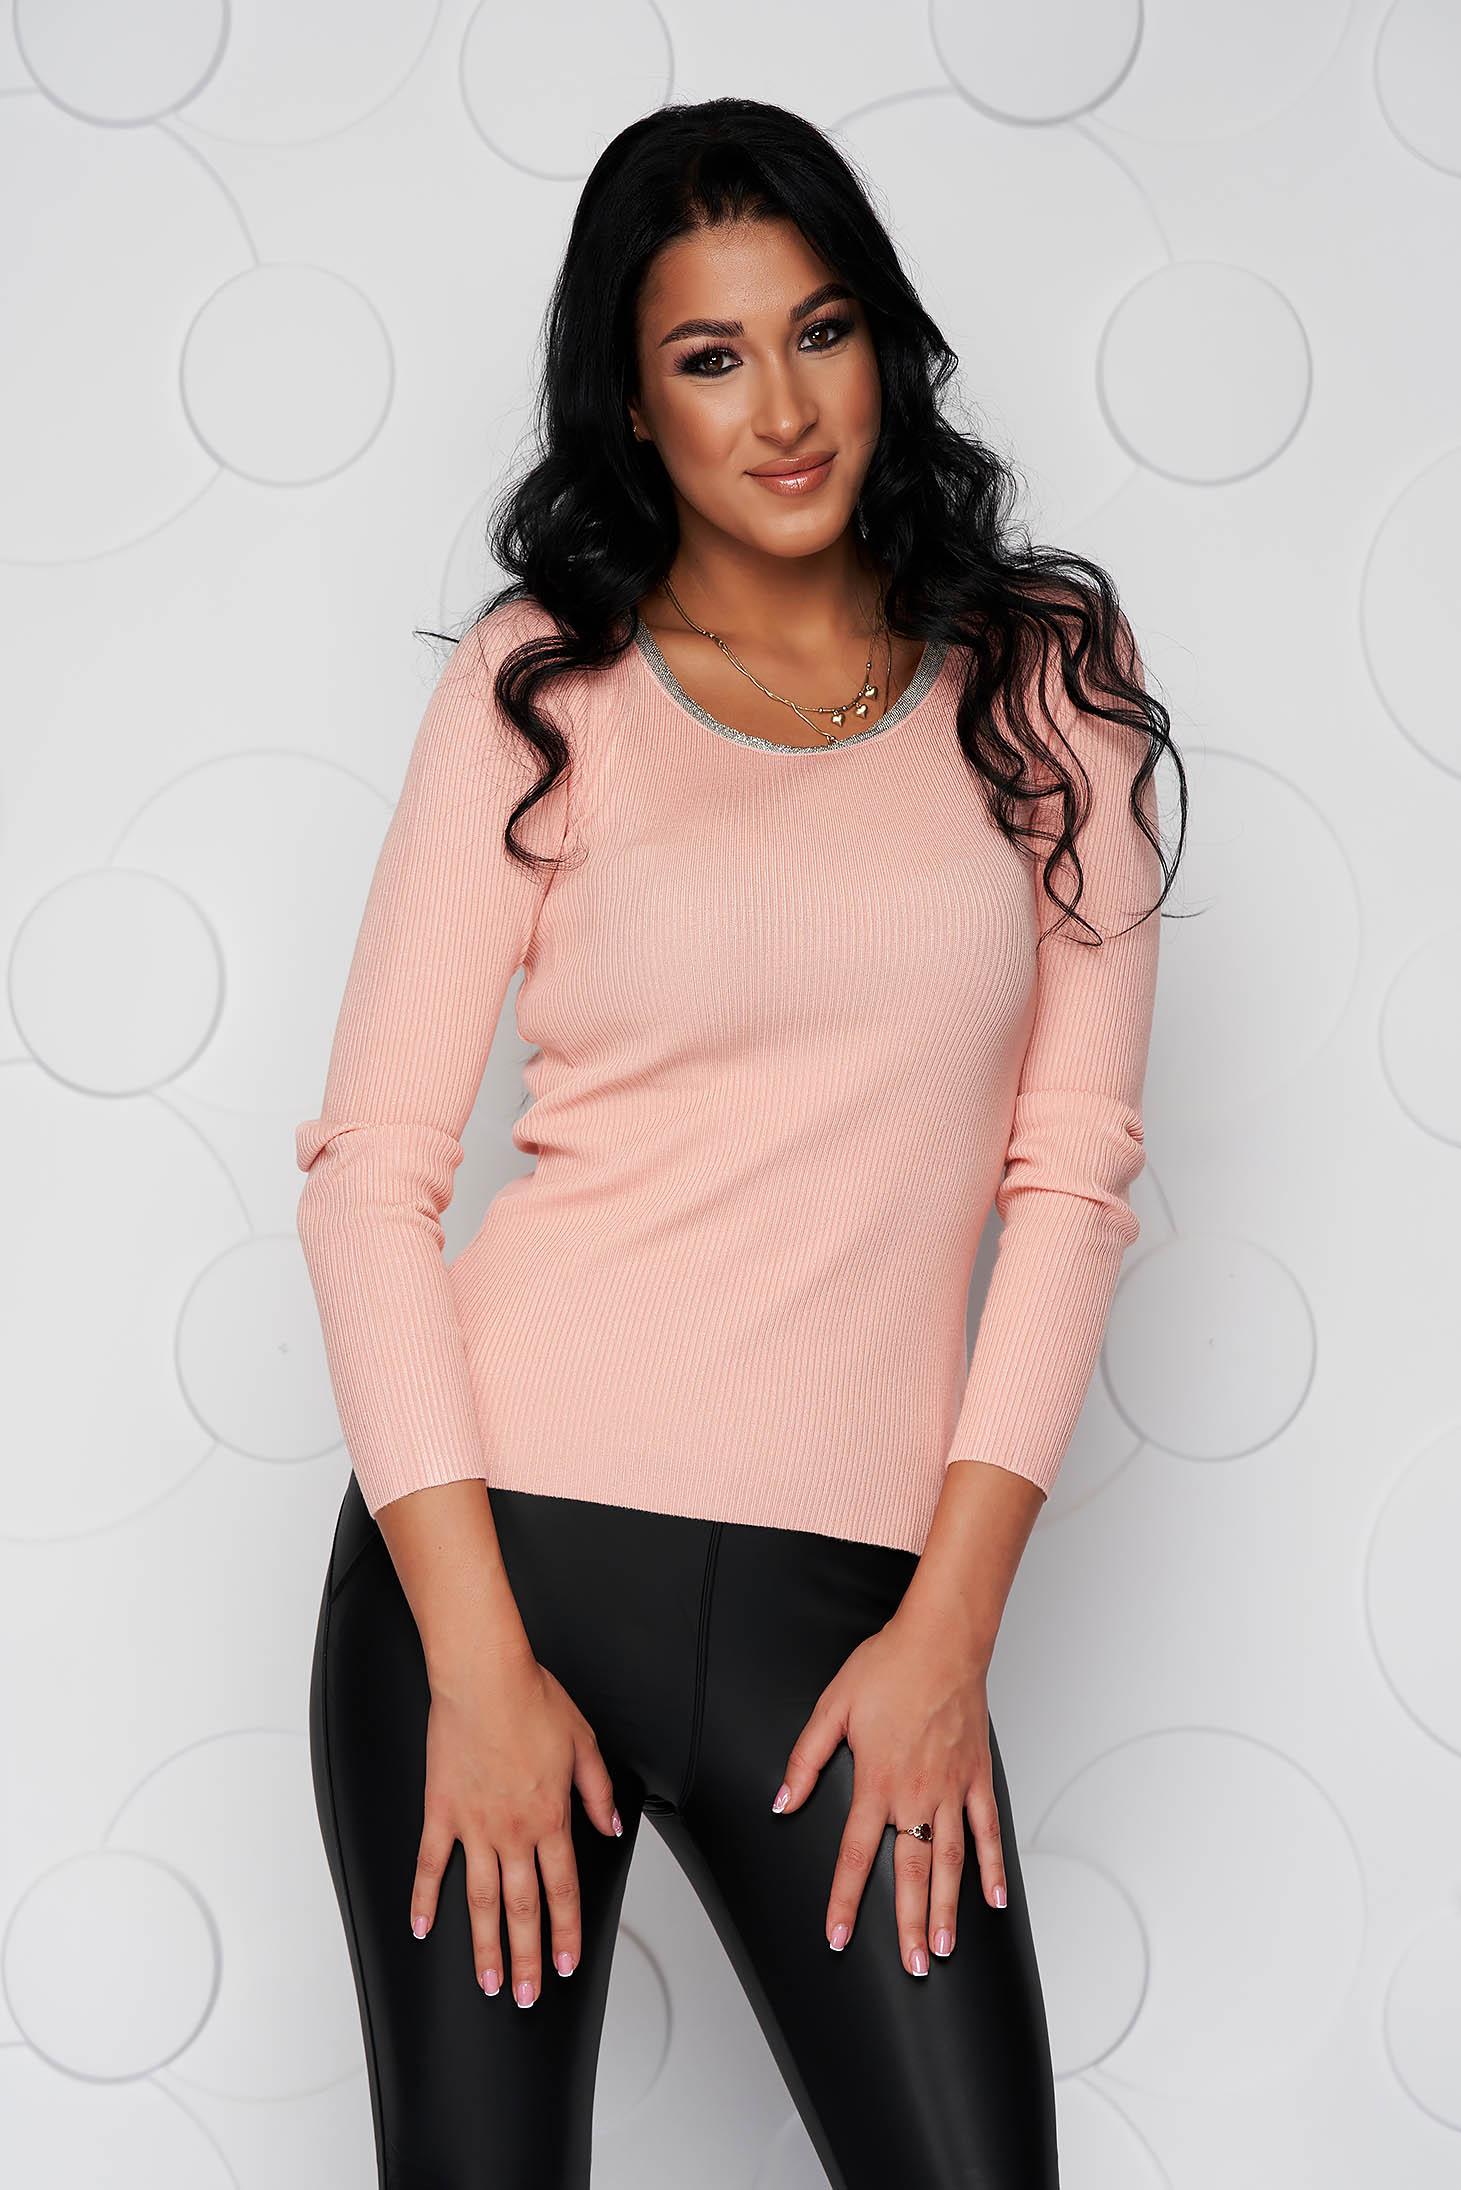 Világos rózsaszínű casual szűk szabású női blúz kötött rugalmas anyagból strassz köves díszítéssel